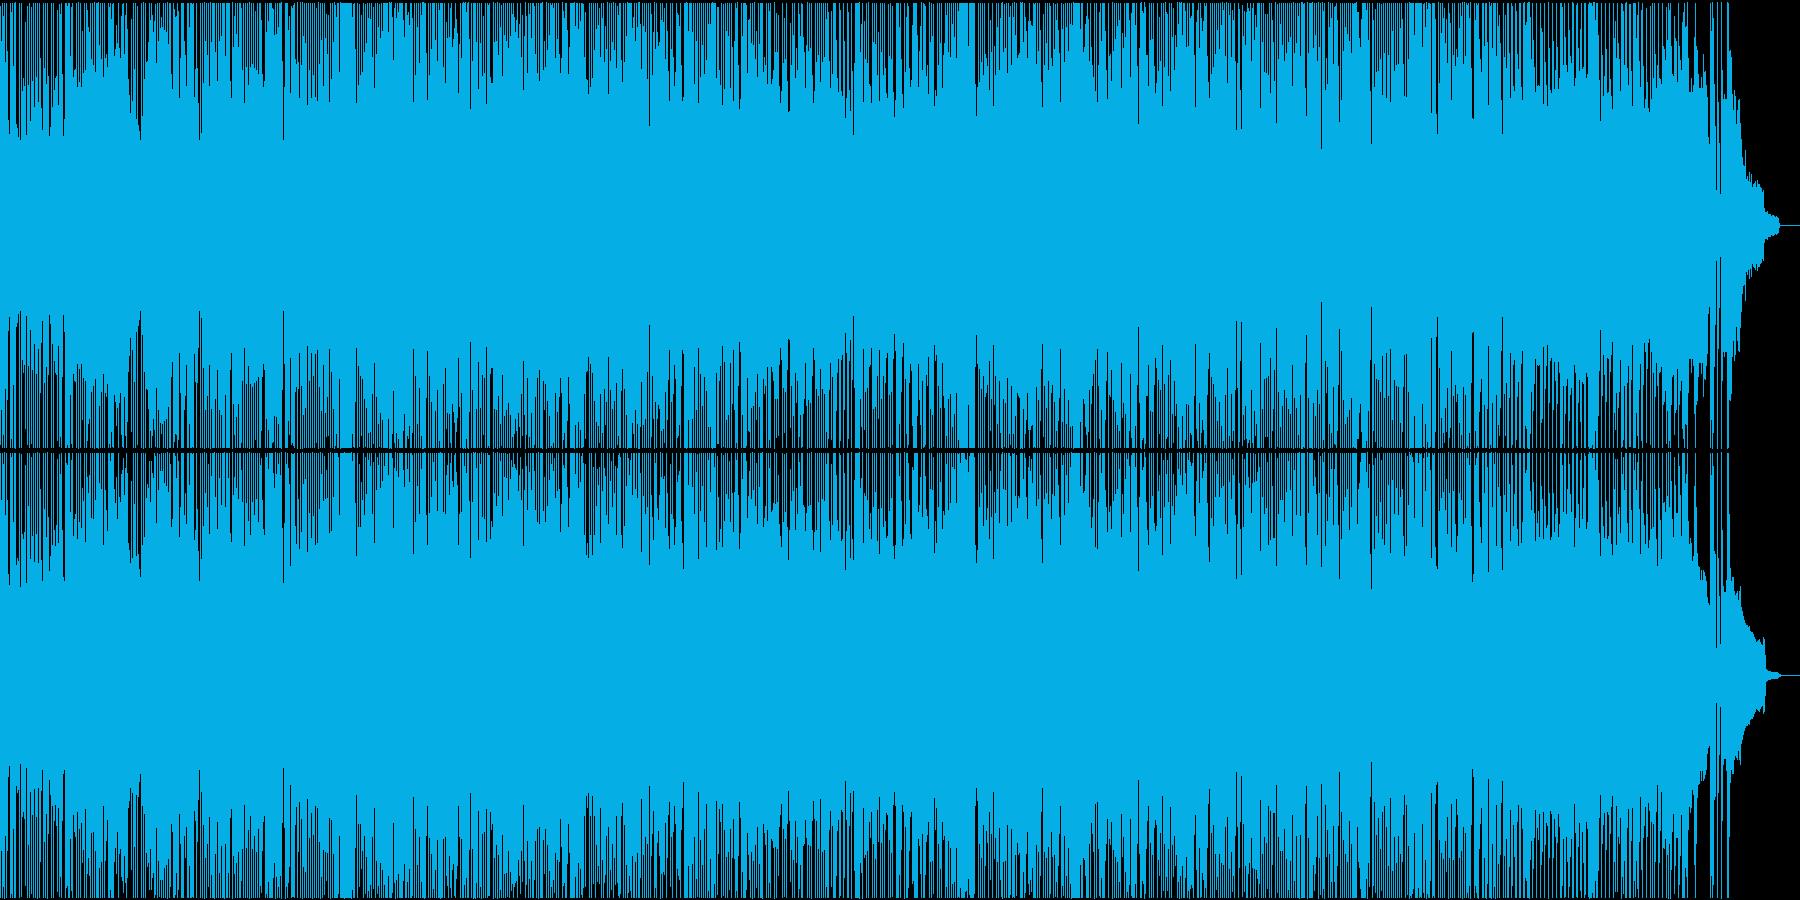 哀愁アップビートロックの再生済みの波形